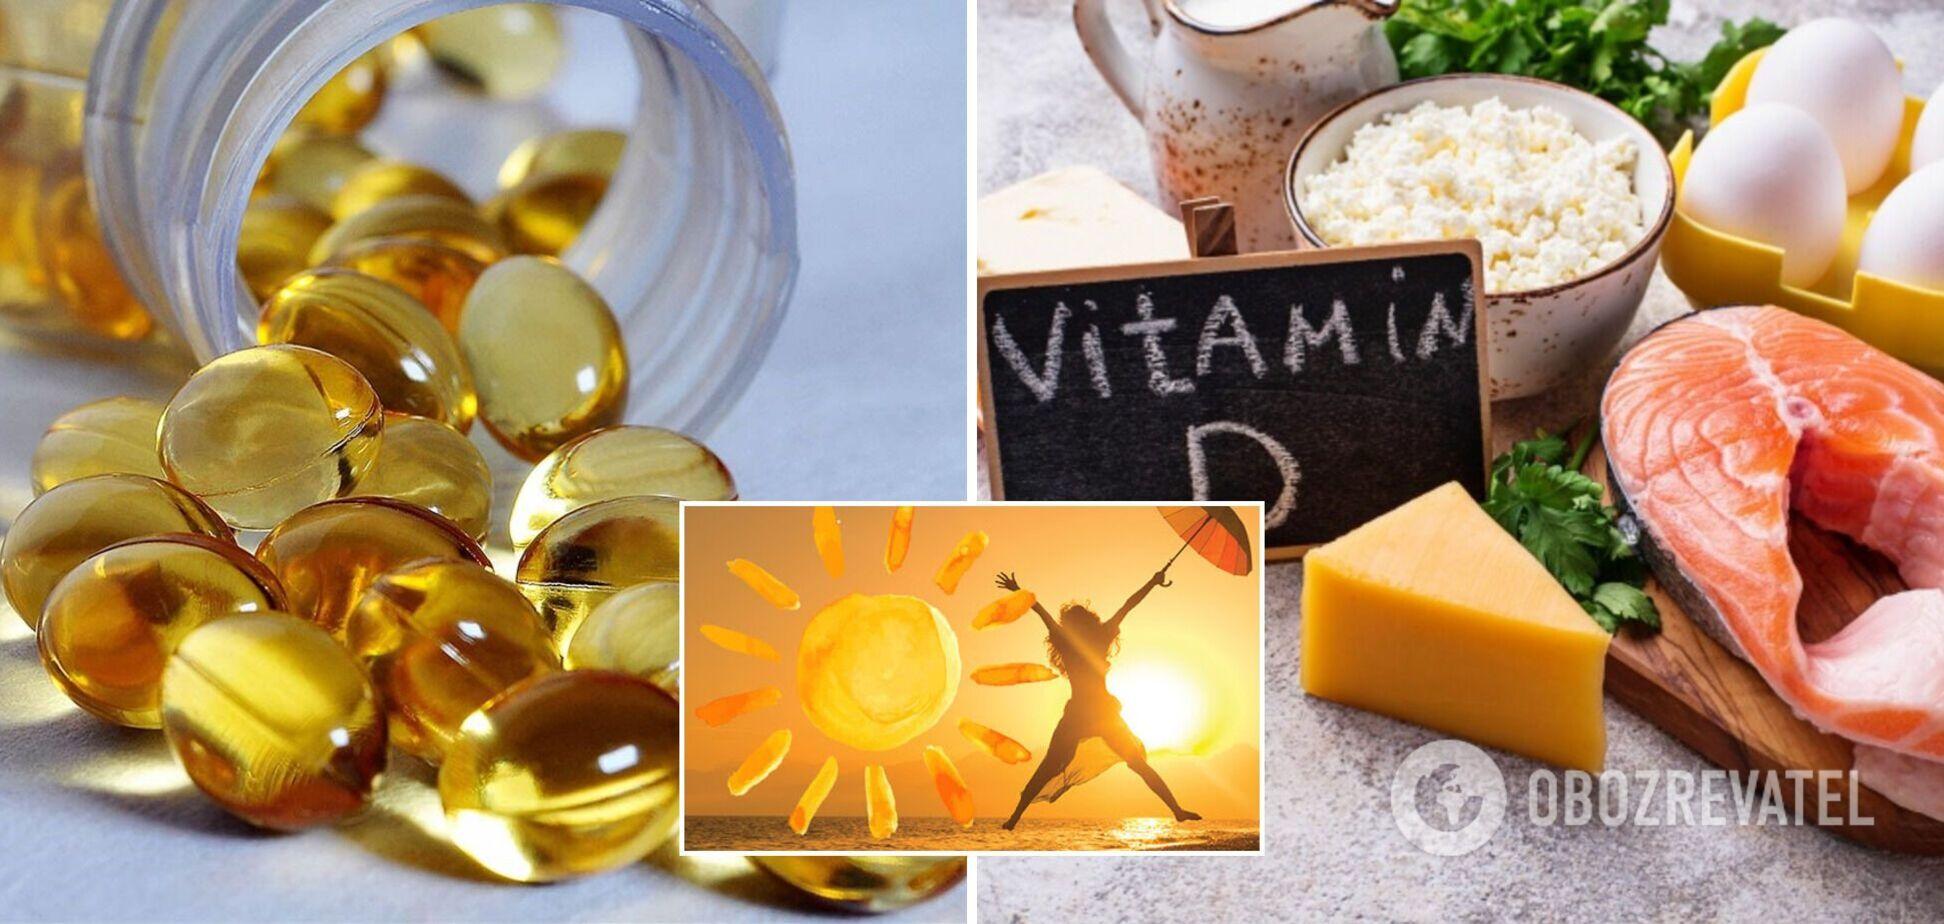 Вітамін D в організмі людини відіграє дуже важливу роль